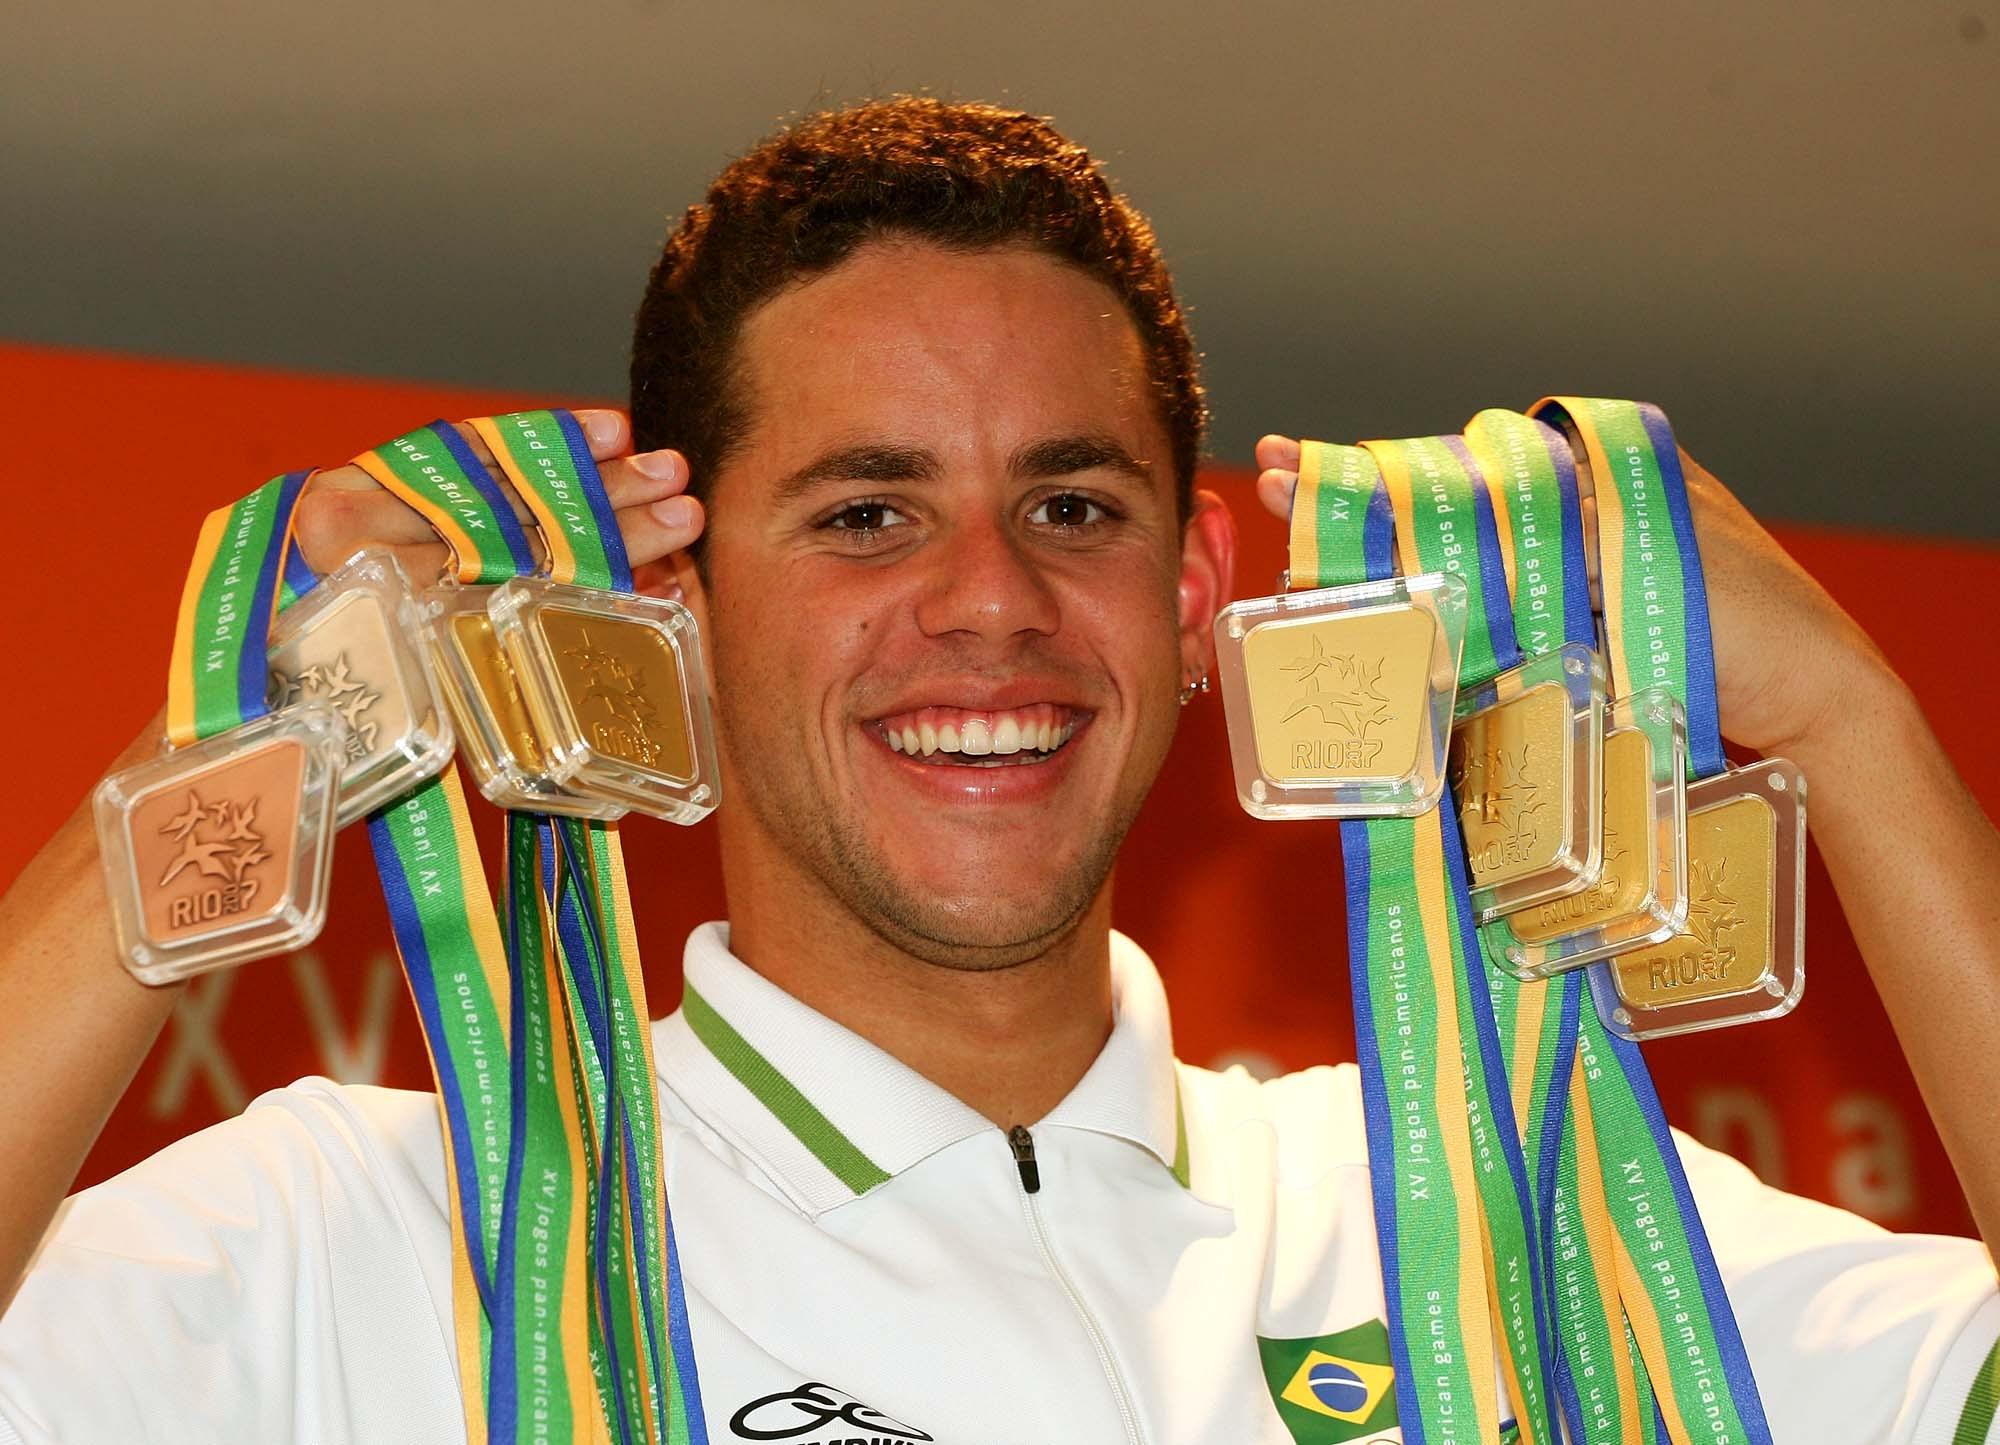 Thiago Pereira é o maior medalhista brasileiro na história dos Jogos Pan-Americanos. Pereira durante os Jogos Pan Americanos do Rio de Janeiro, em 2007.